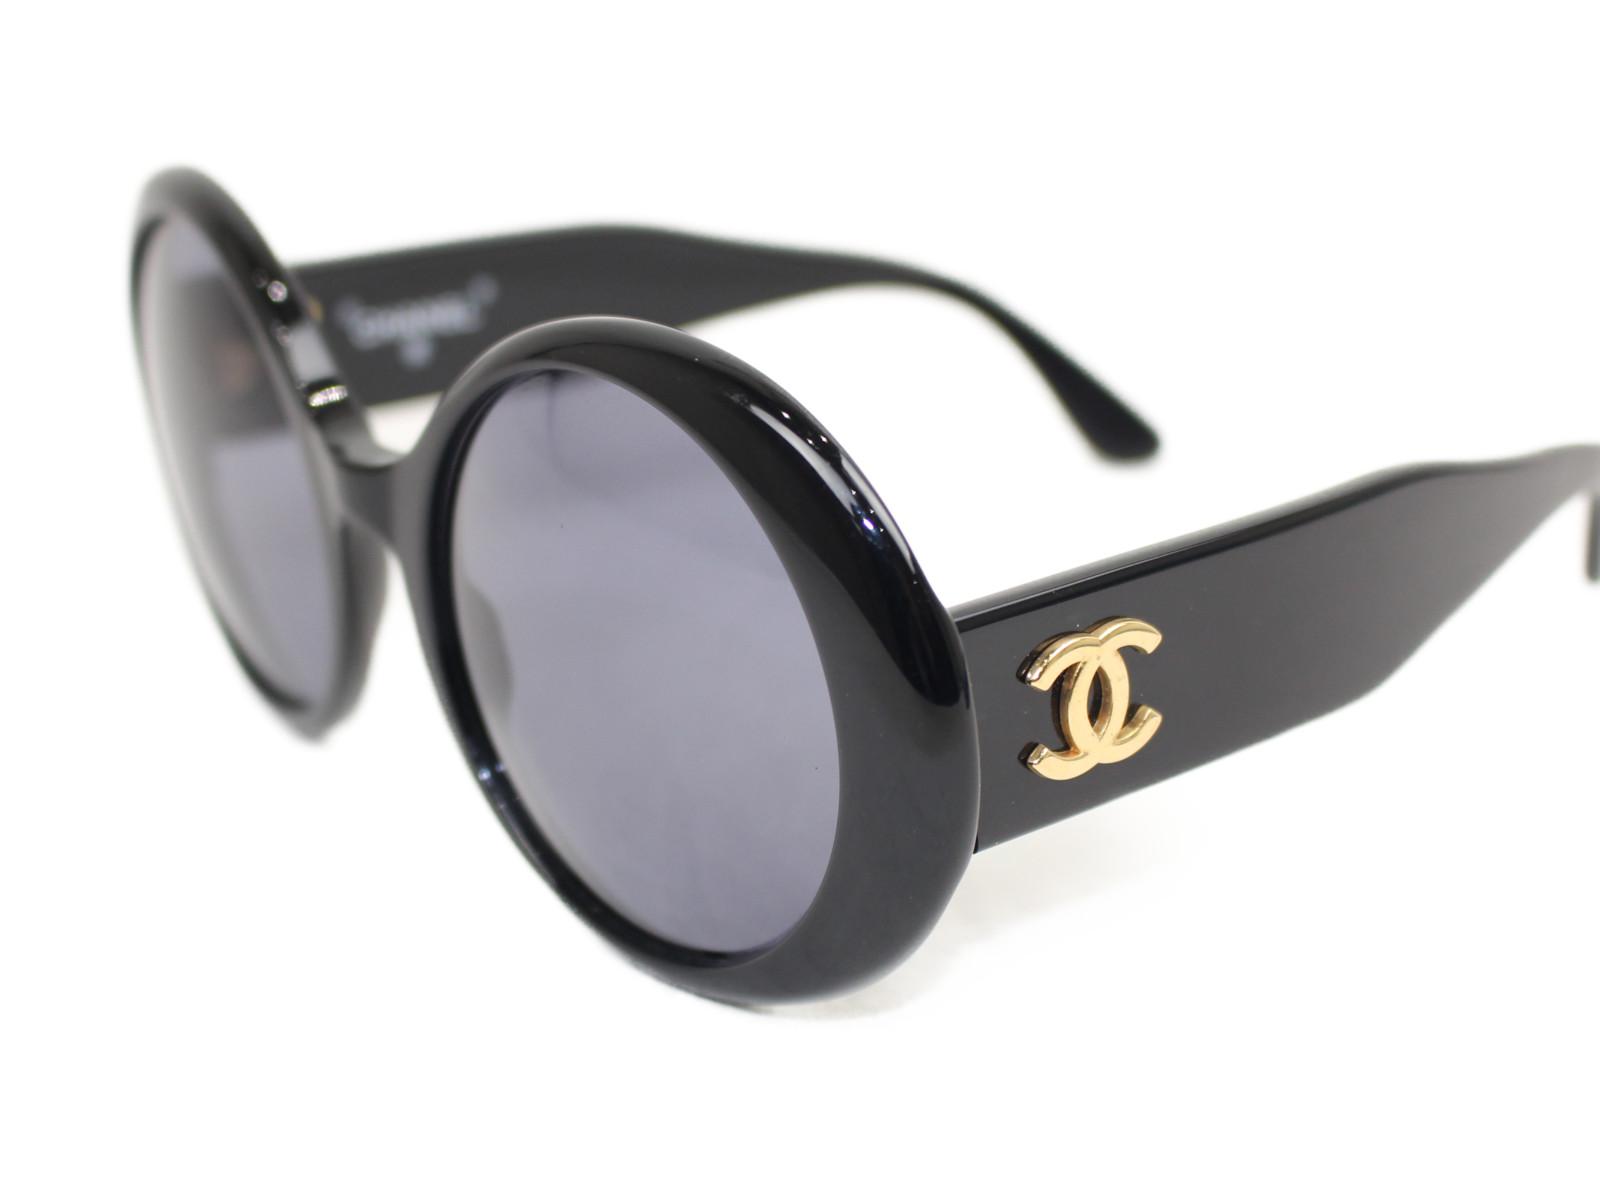 ユニセックス 0014 メンズ ブラック 10 サングラス メガネ 小物  レディース めがね【中古】 眼鏡 CHANEL